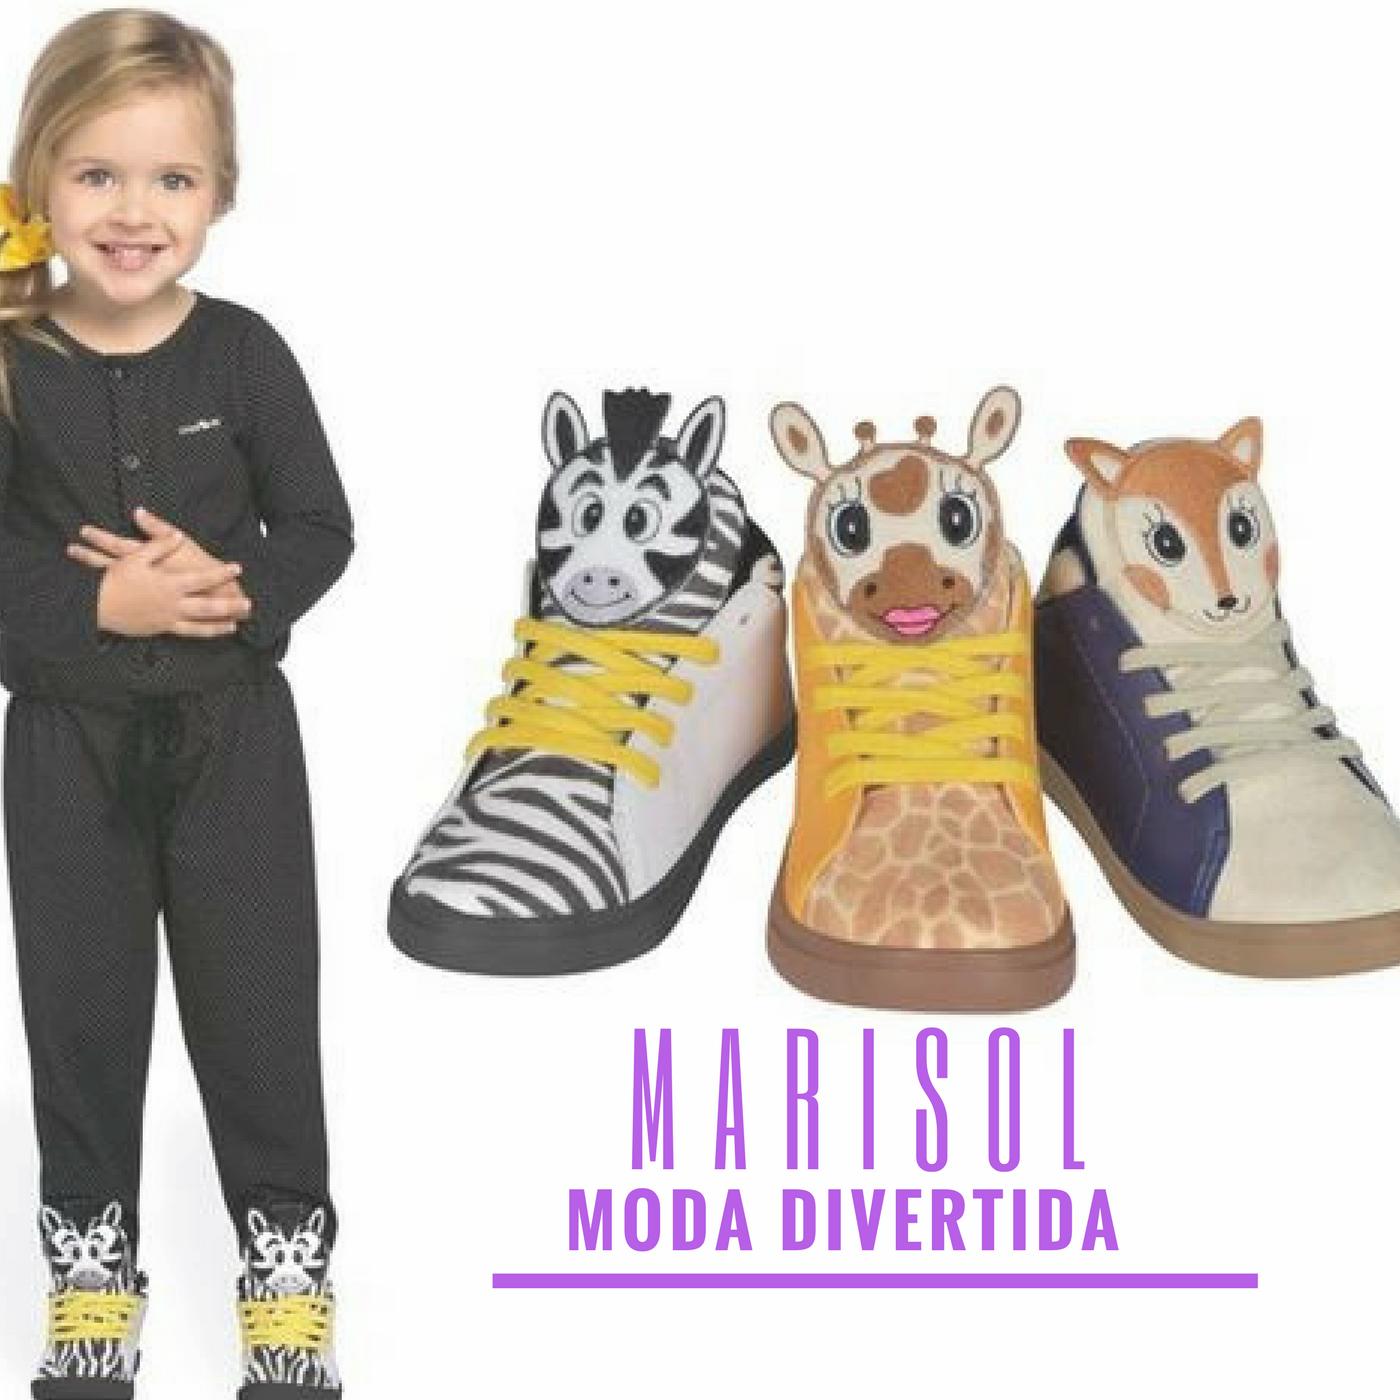 dbbc3aafa Bichinhos da floresta vão invadir o guarda-roupa das crianças na próxima  estação. Uma das novidades em calçados da Marisol para Outono/Inverno são  os tênis ...